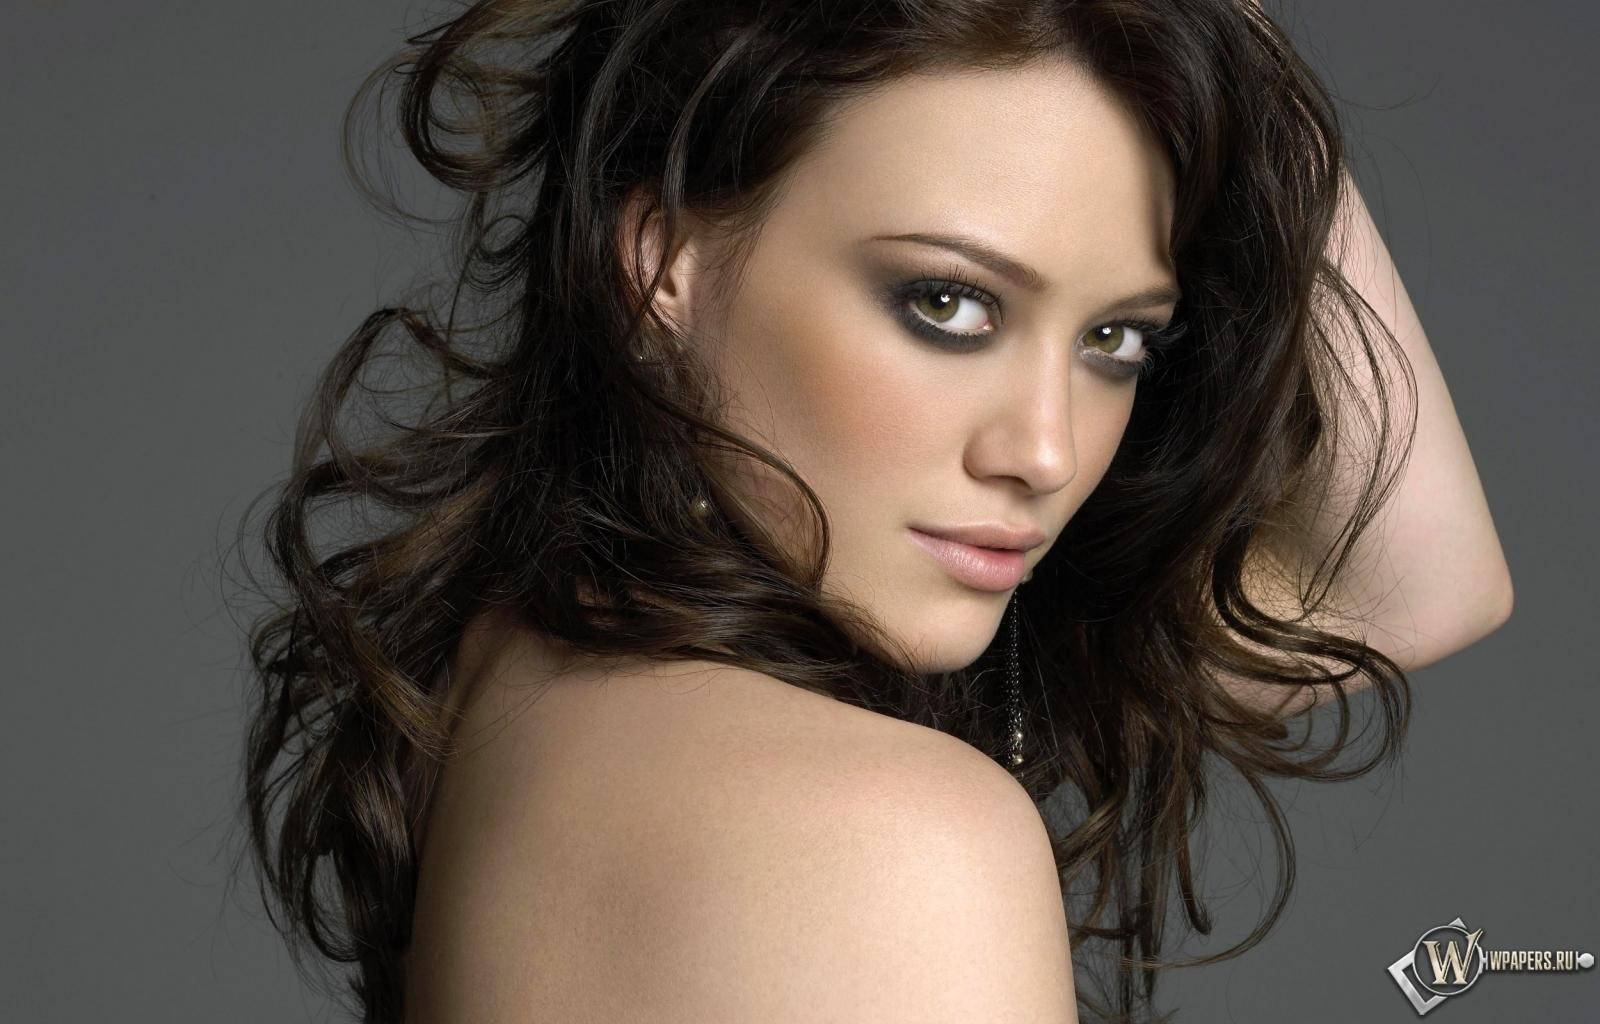 Hilary Duff 1600x1024